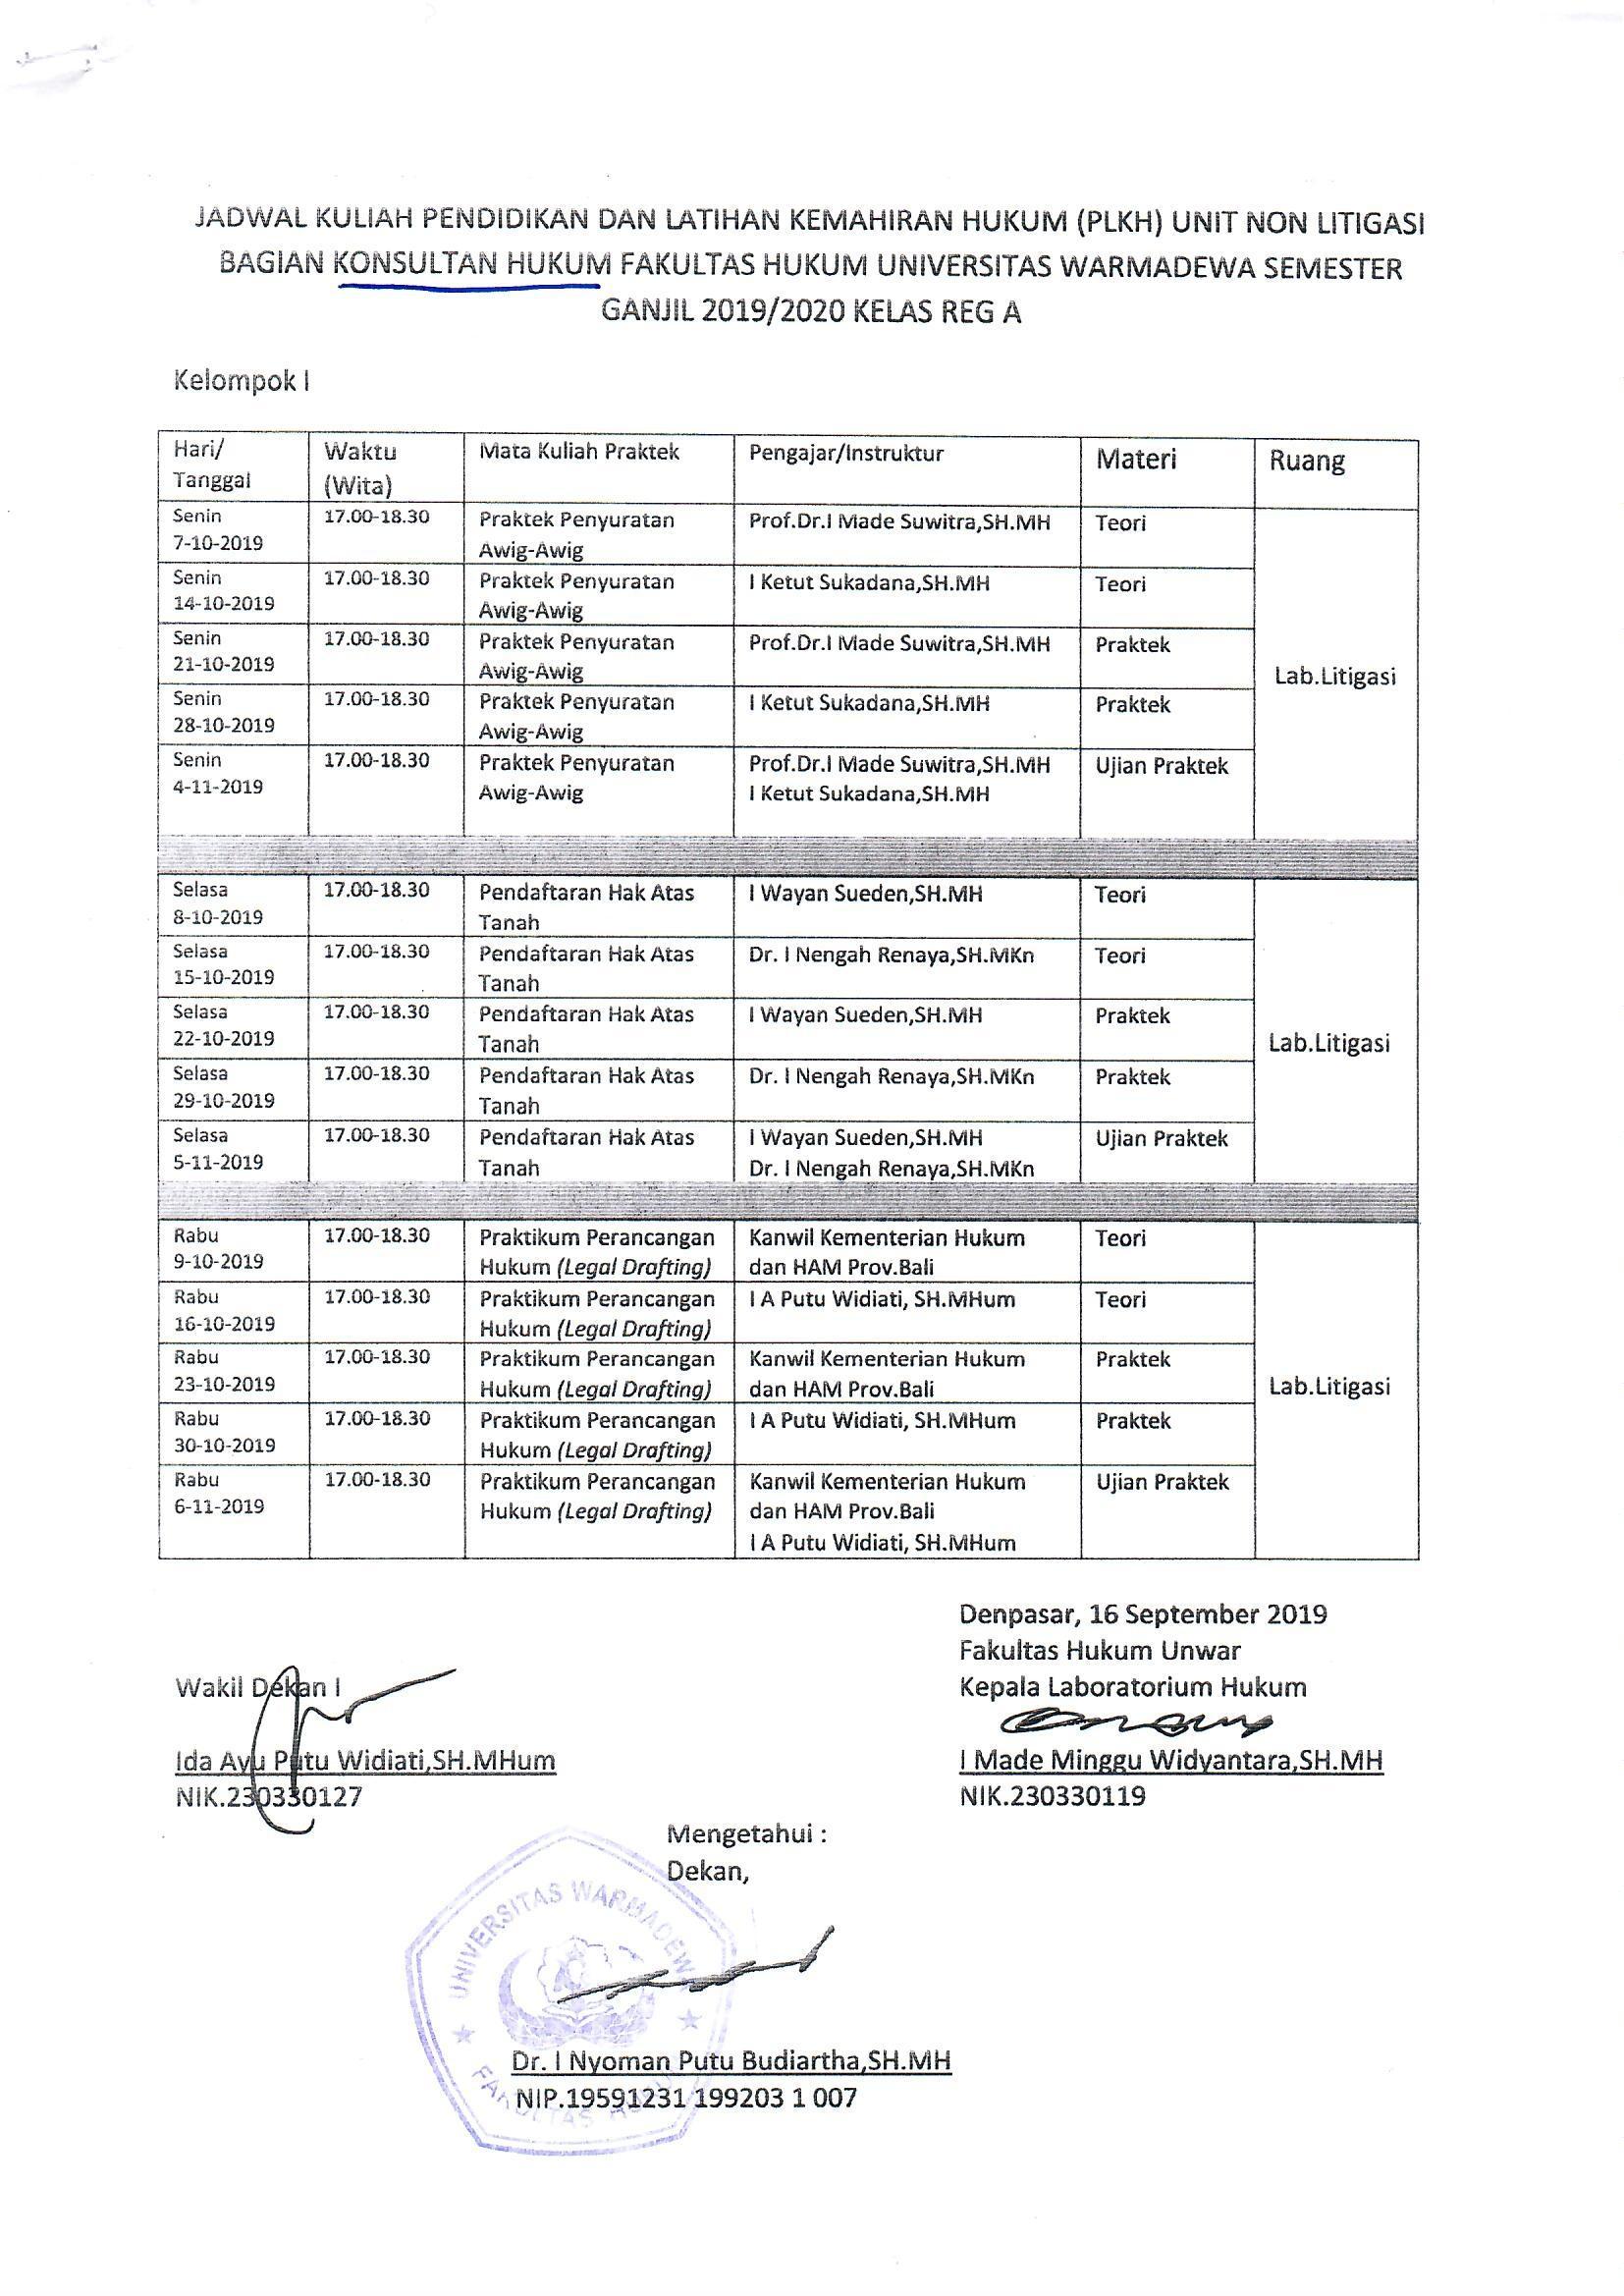 Jadwal Kuliah (PLKH) Bisnis Fakultas Hukum Universitas Warmadewa Kuliah Pendidikan dan Latihan Kemahiran Hukum (PLKH) Unit Non Litigasi Bagian Konsultas Hukum Fakultas Hukum Universitas Warmadewa Semester Ganjil 2019/2020 Kelas Reg A (Kelompok 1)